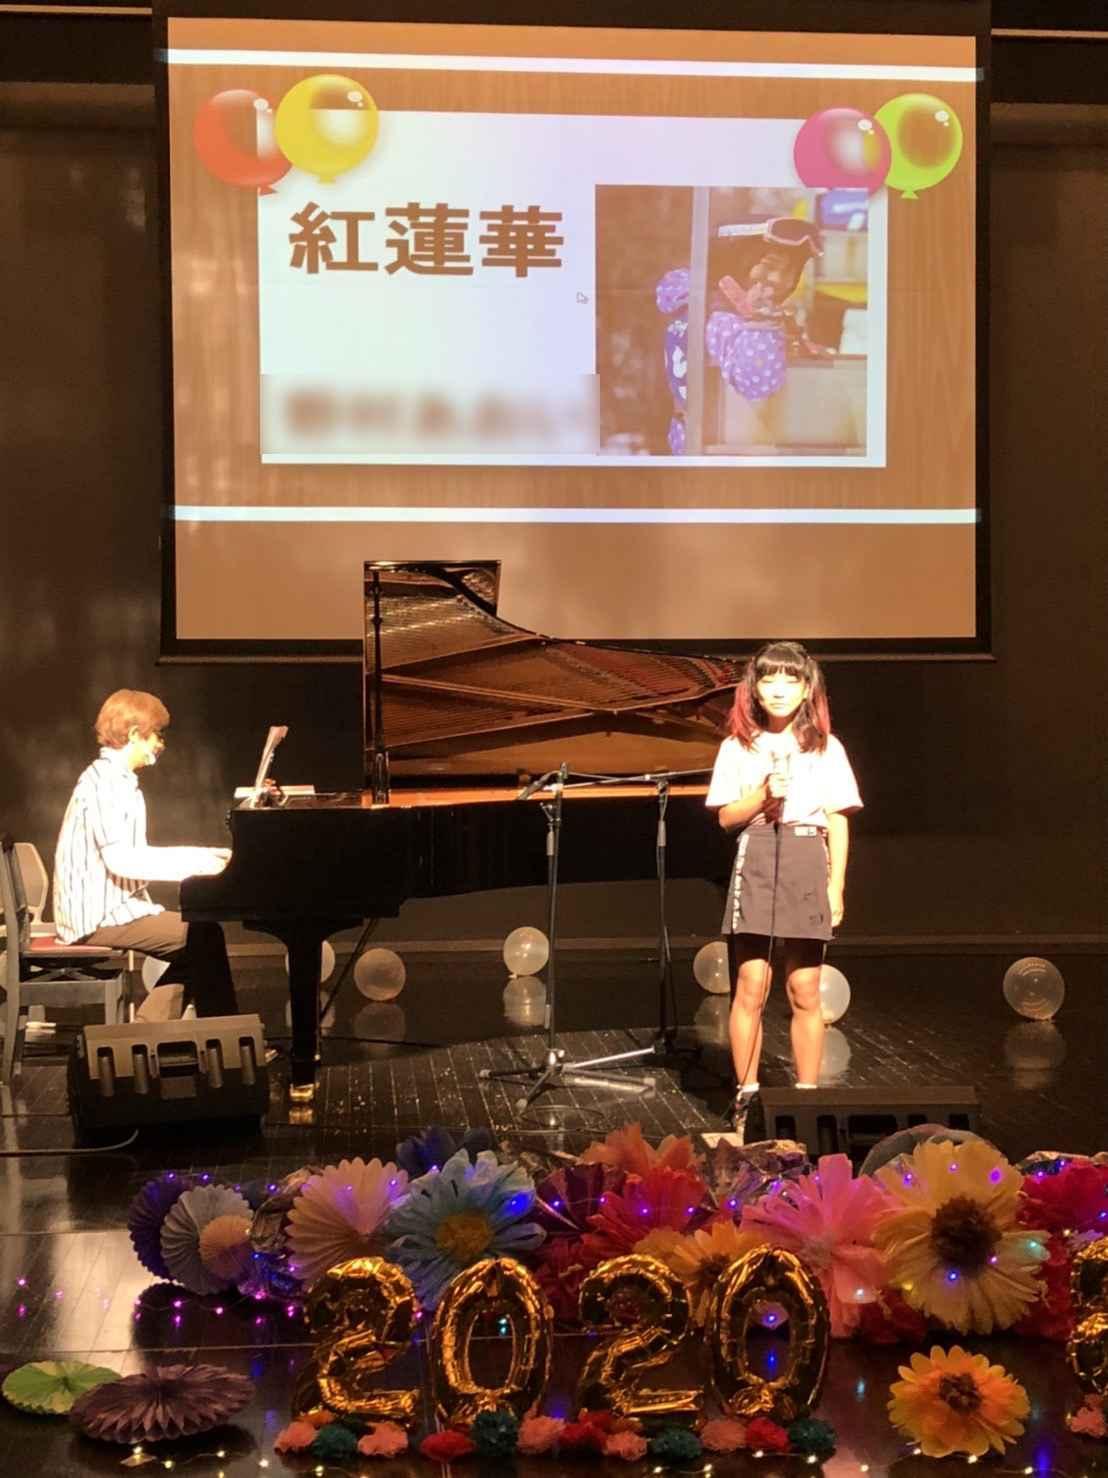 mose(モーゼ)音楽スクール 大宮教室